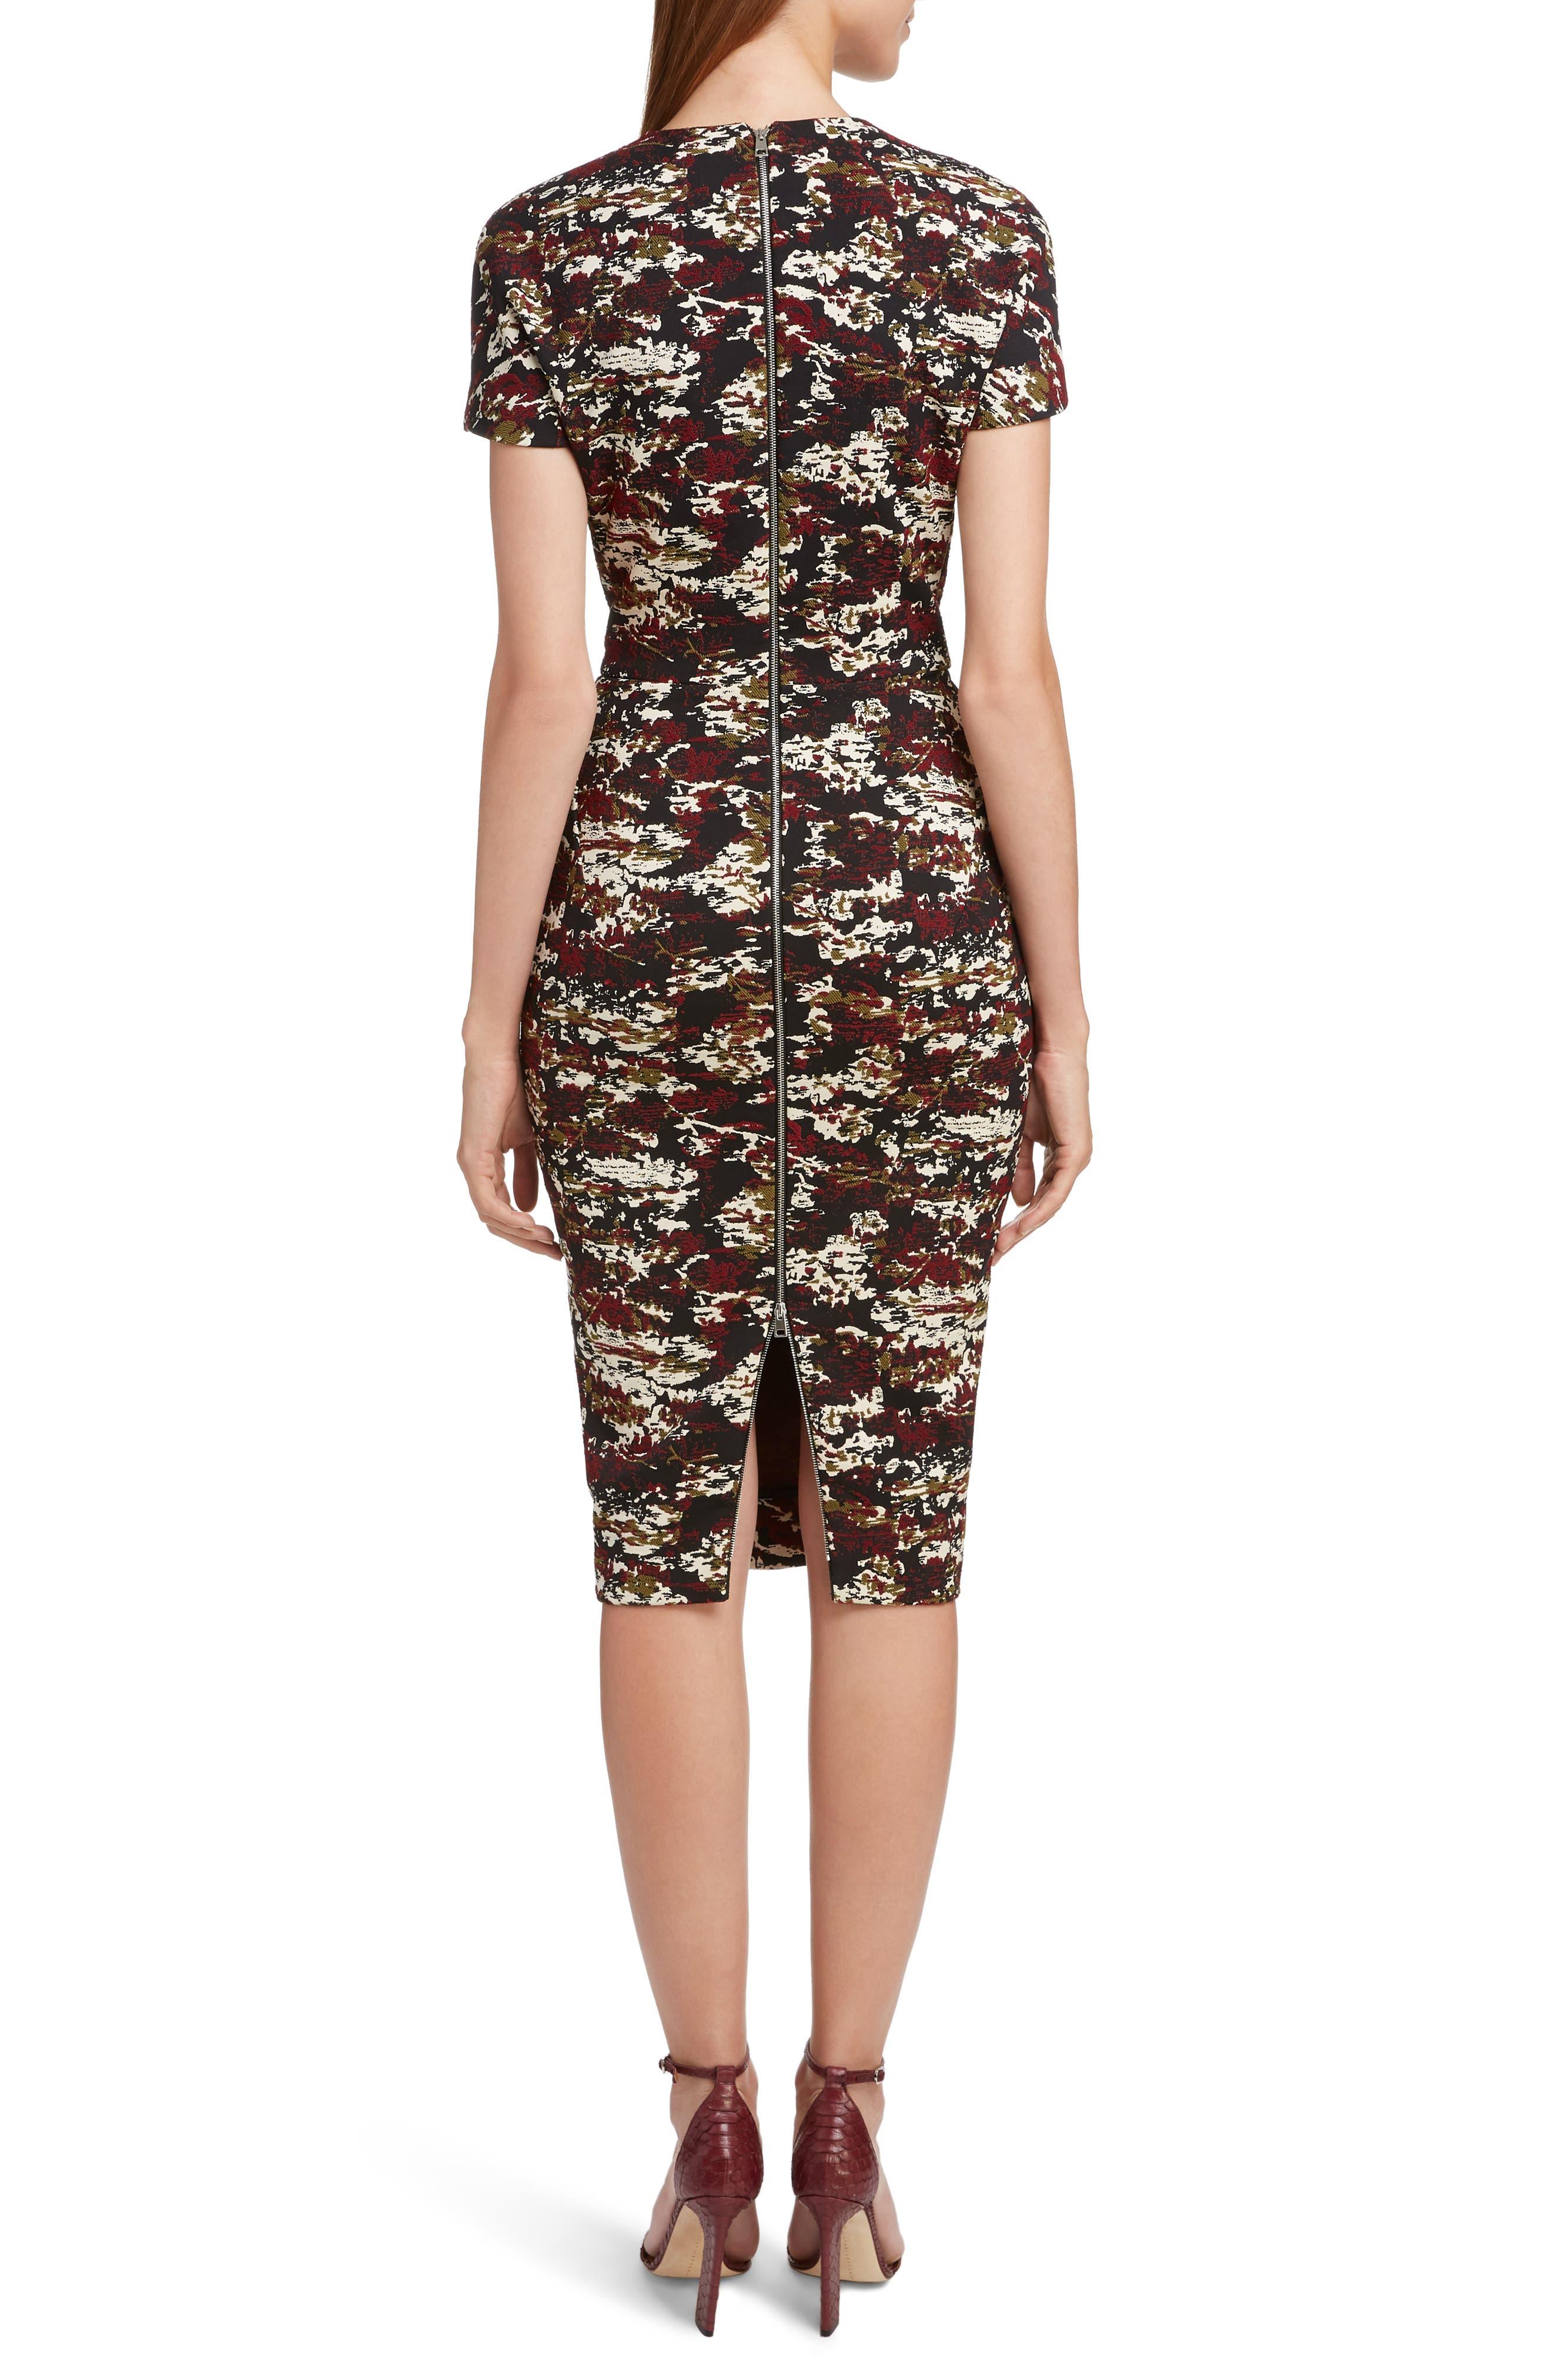 VICTORIA BECKHAM, Camouflage Jacquard Dress, Alternate thumbnail 2, color, BORDEAUX-BLACK